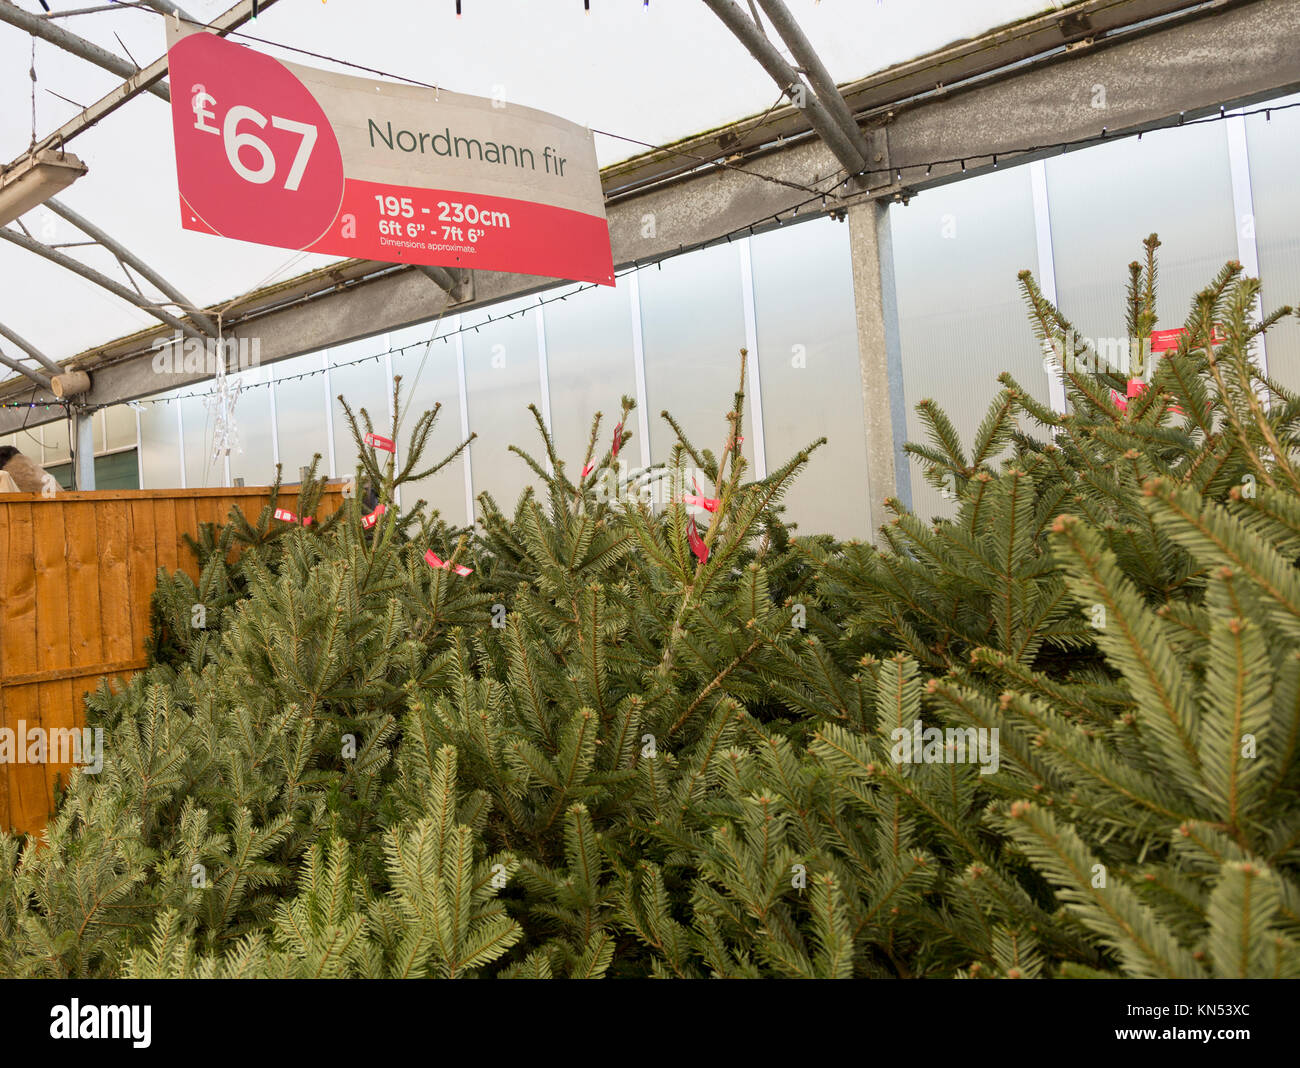 Nordmann Fir Christmas Stock Photos & Nordmann Fir Christmas Stock ...